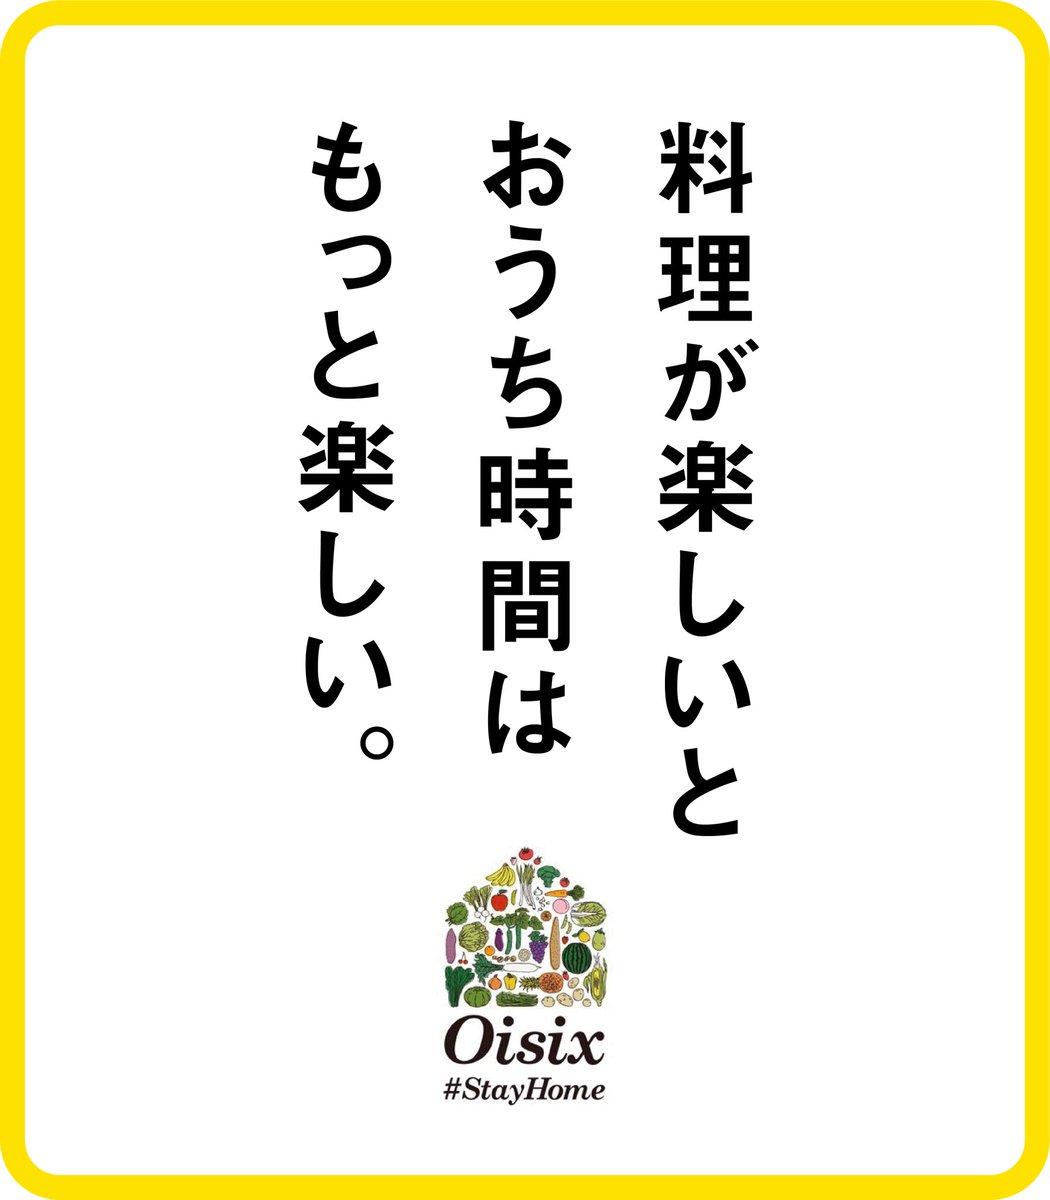 しまじろう oisix